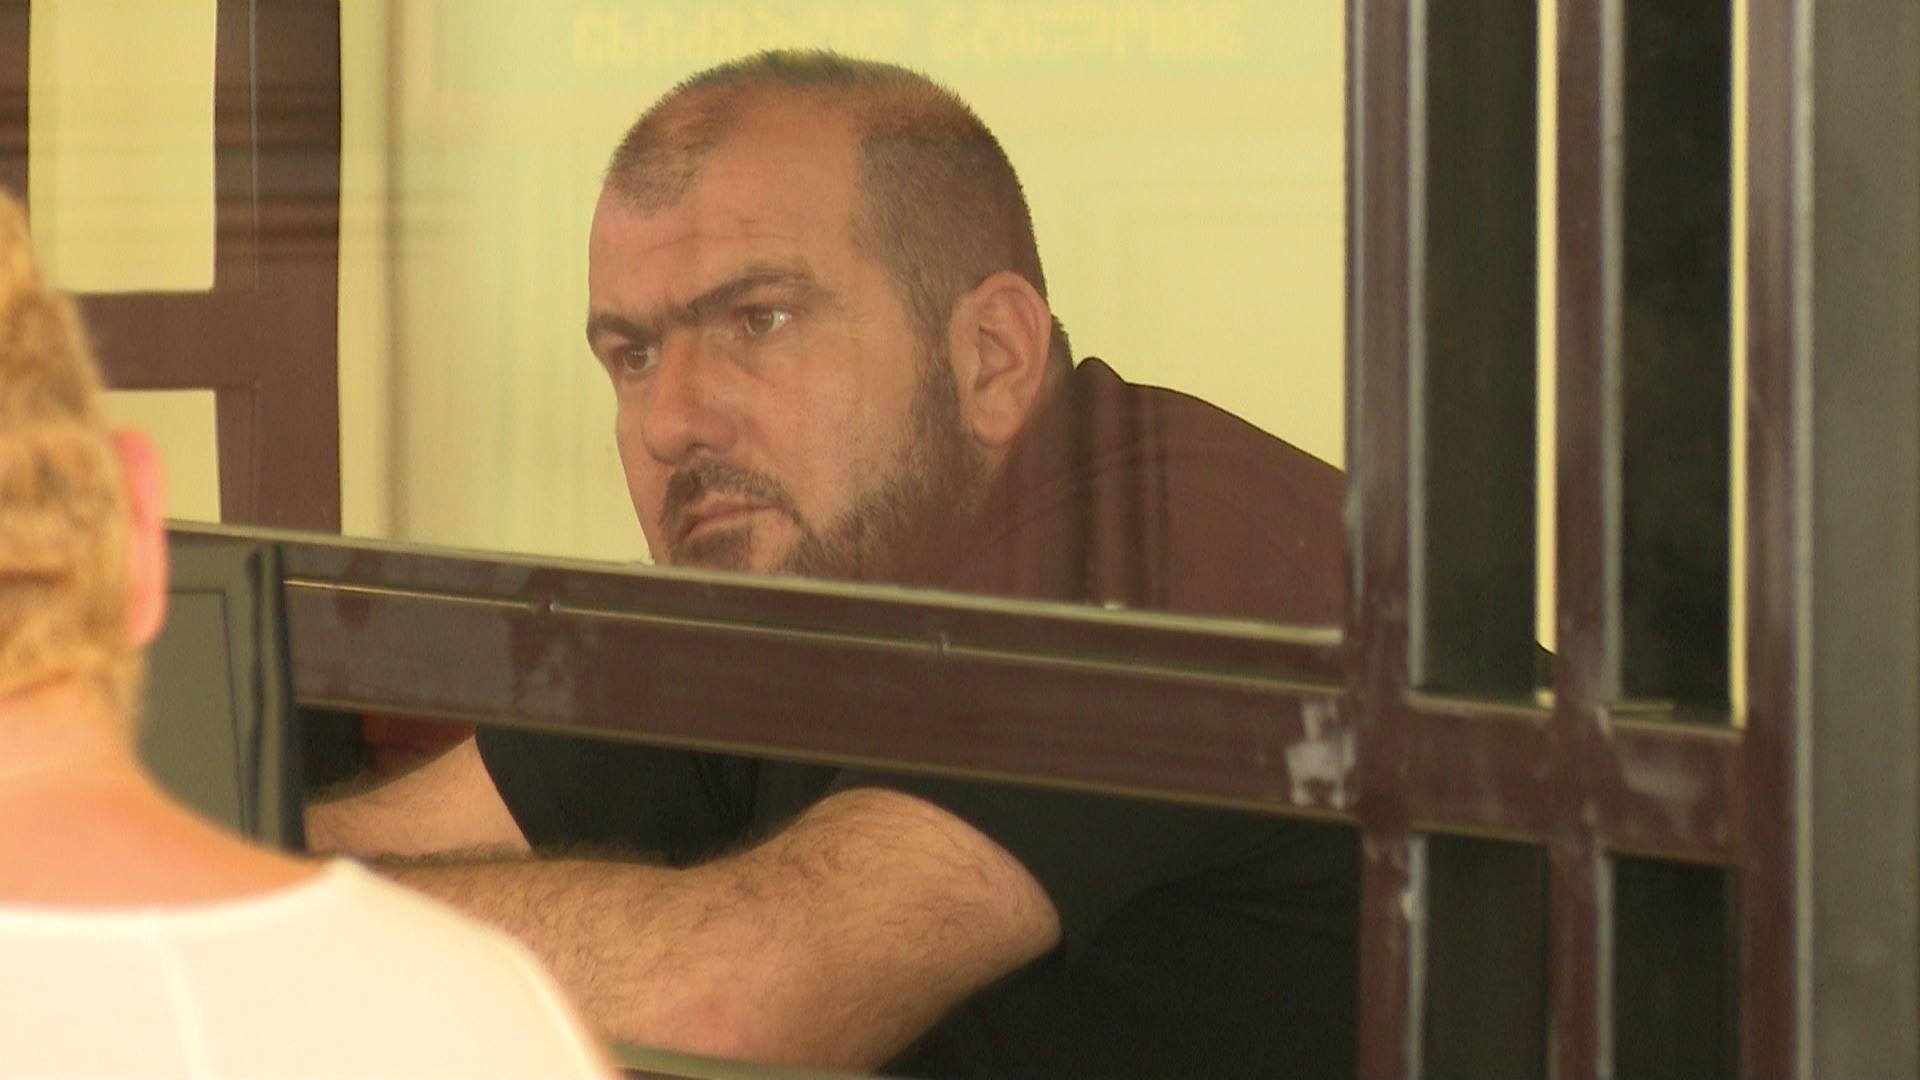 ყოფილი პოლიციელი პატიმრობიდან გირაოს სანაცვლოდ გაათავისუფლეს